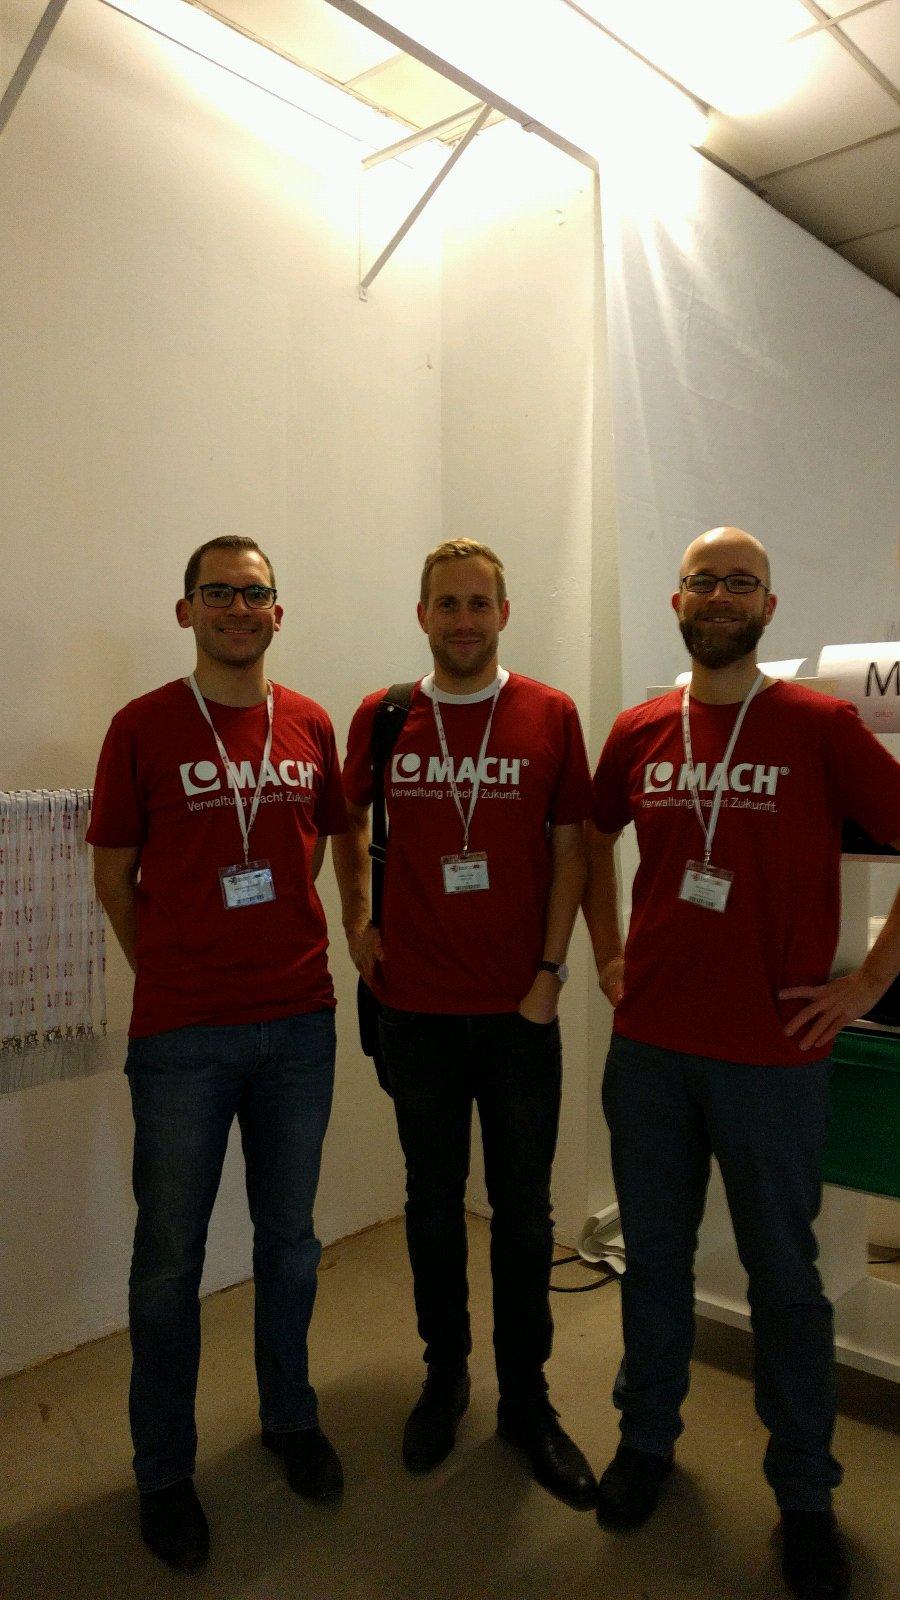 Die Jungs von der @MACH_AG sind da, einer unserer Gold Sponsoren und bestimmt machen die ne Session #bchl16 https://t.co/9XCOoJdQ63